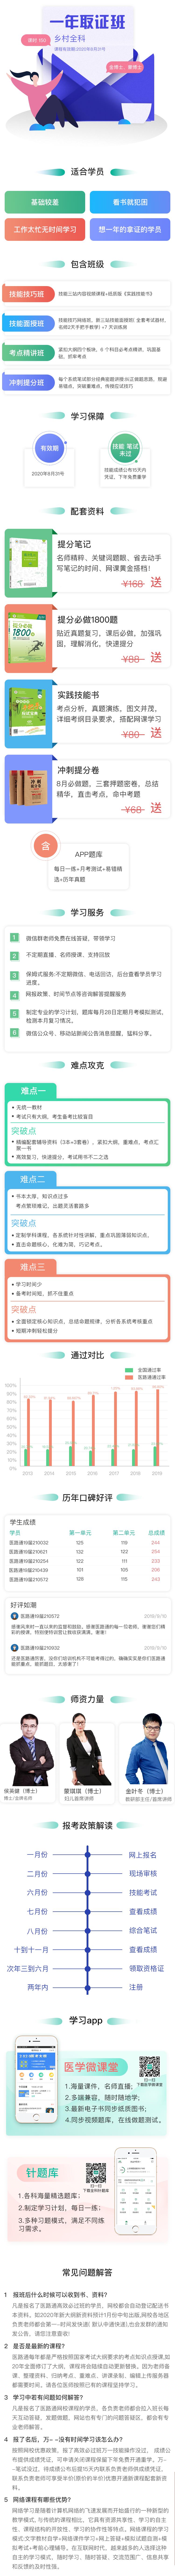 2020年乡村全科一年取证班课程介绍.png